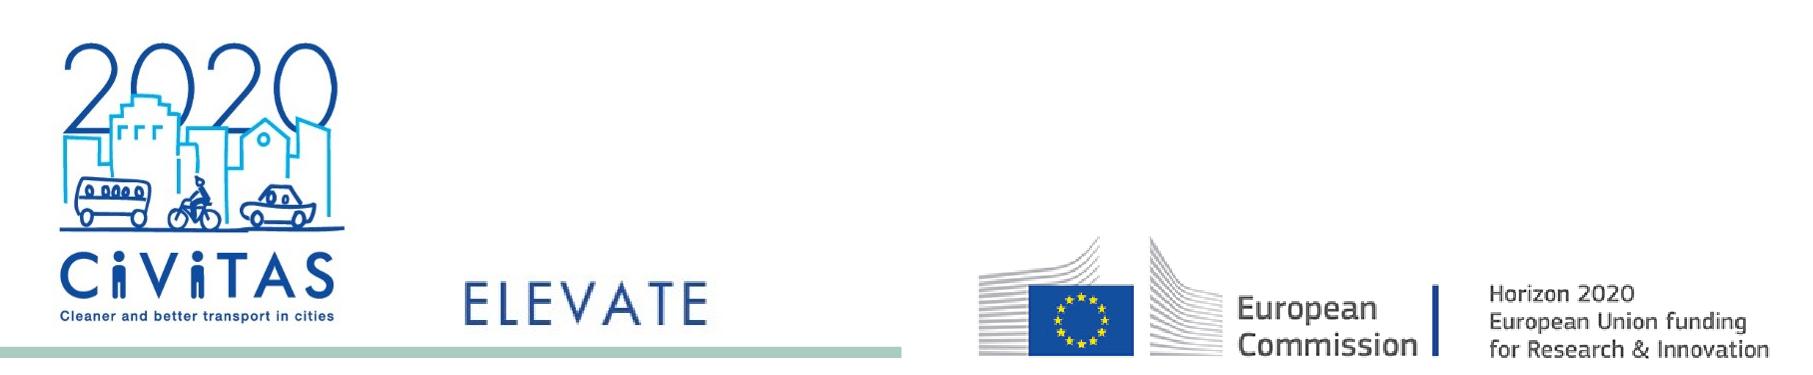 19p02 CIVITAS-Elevate banner